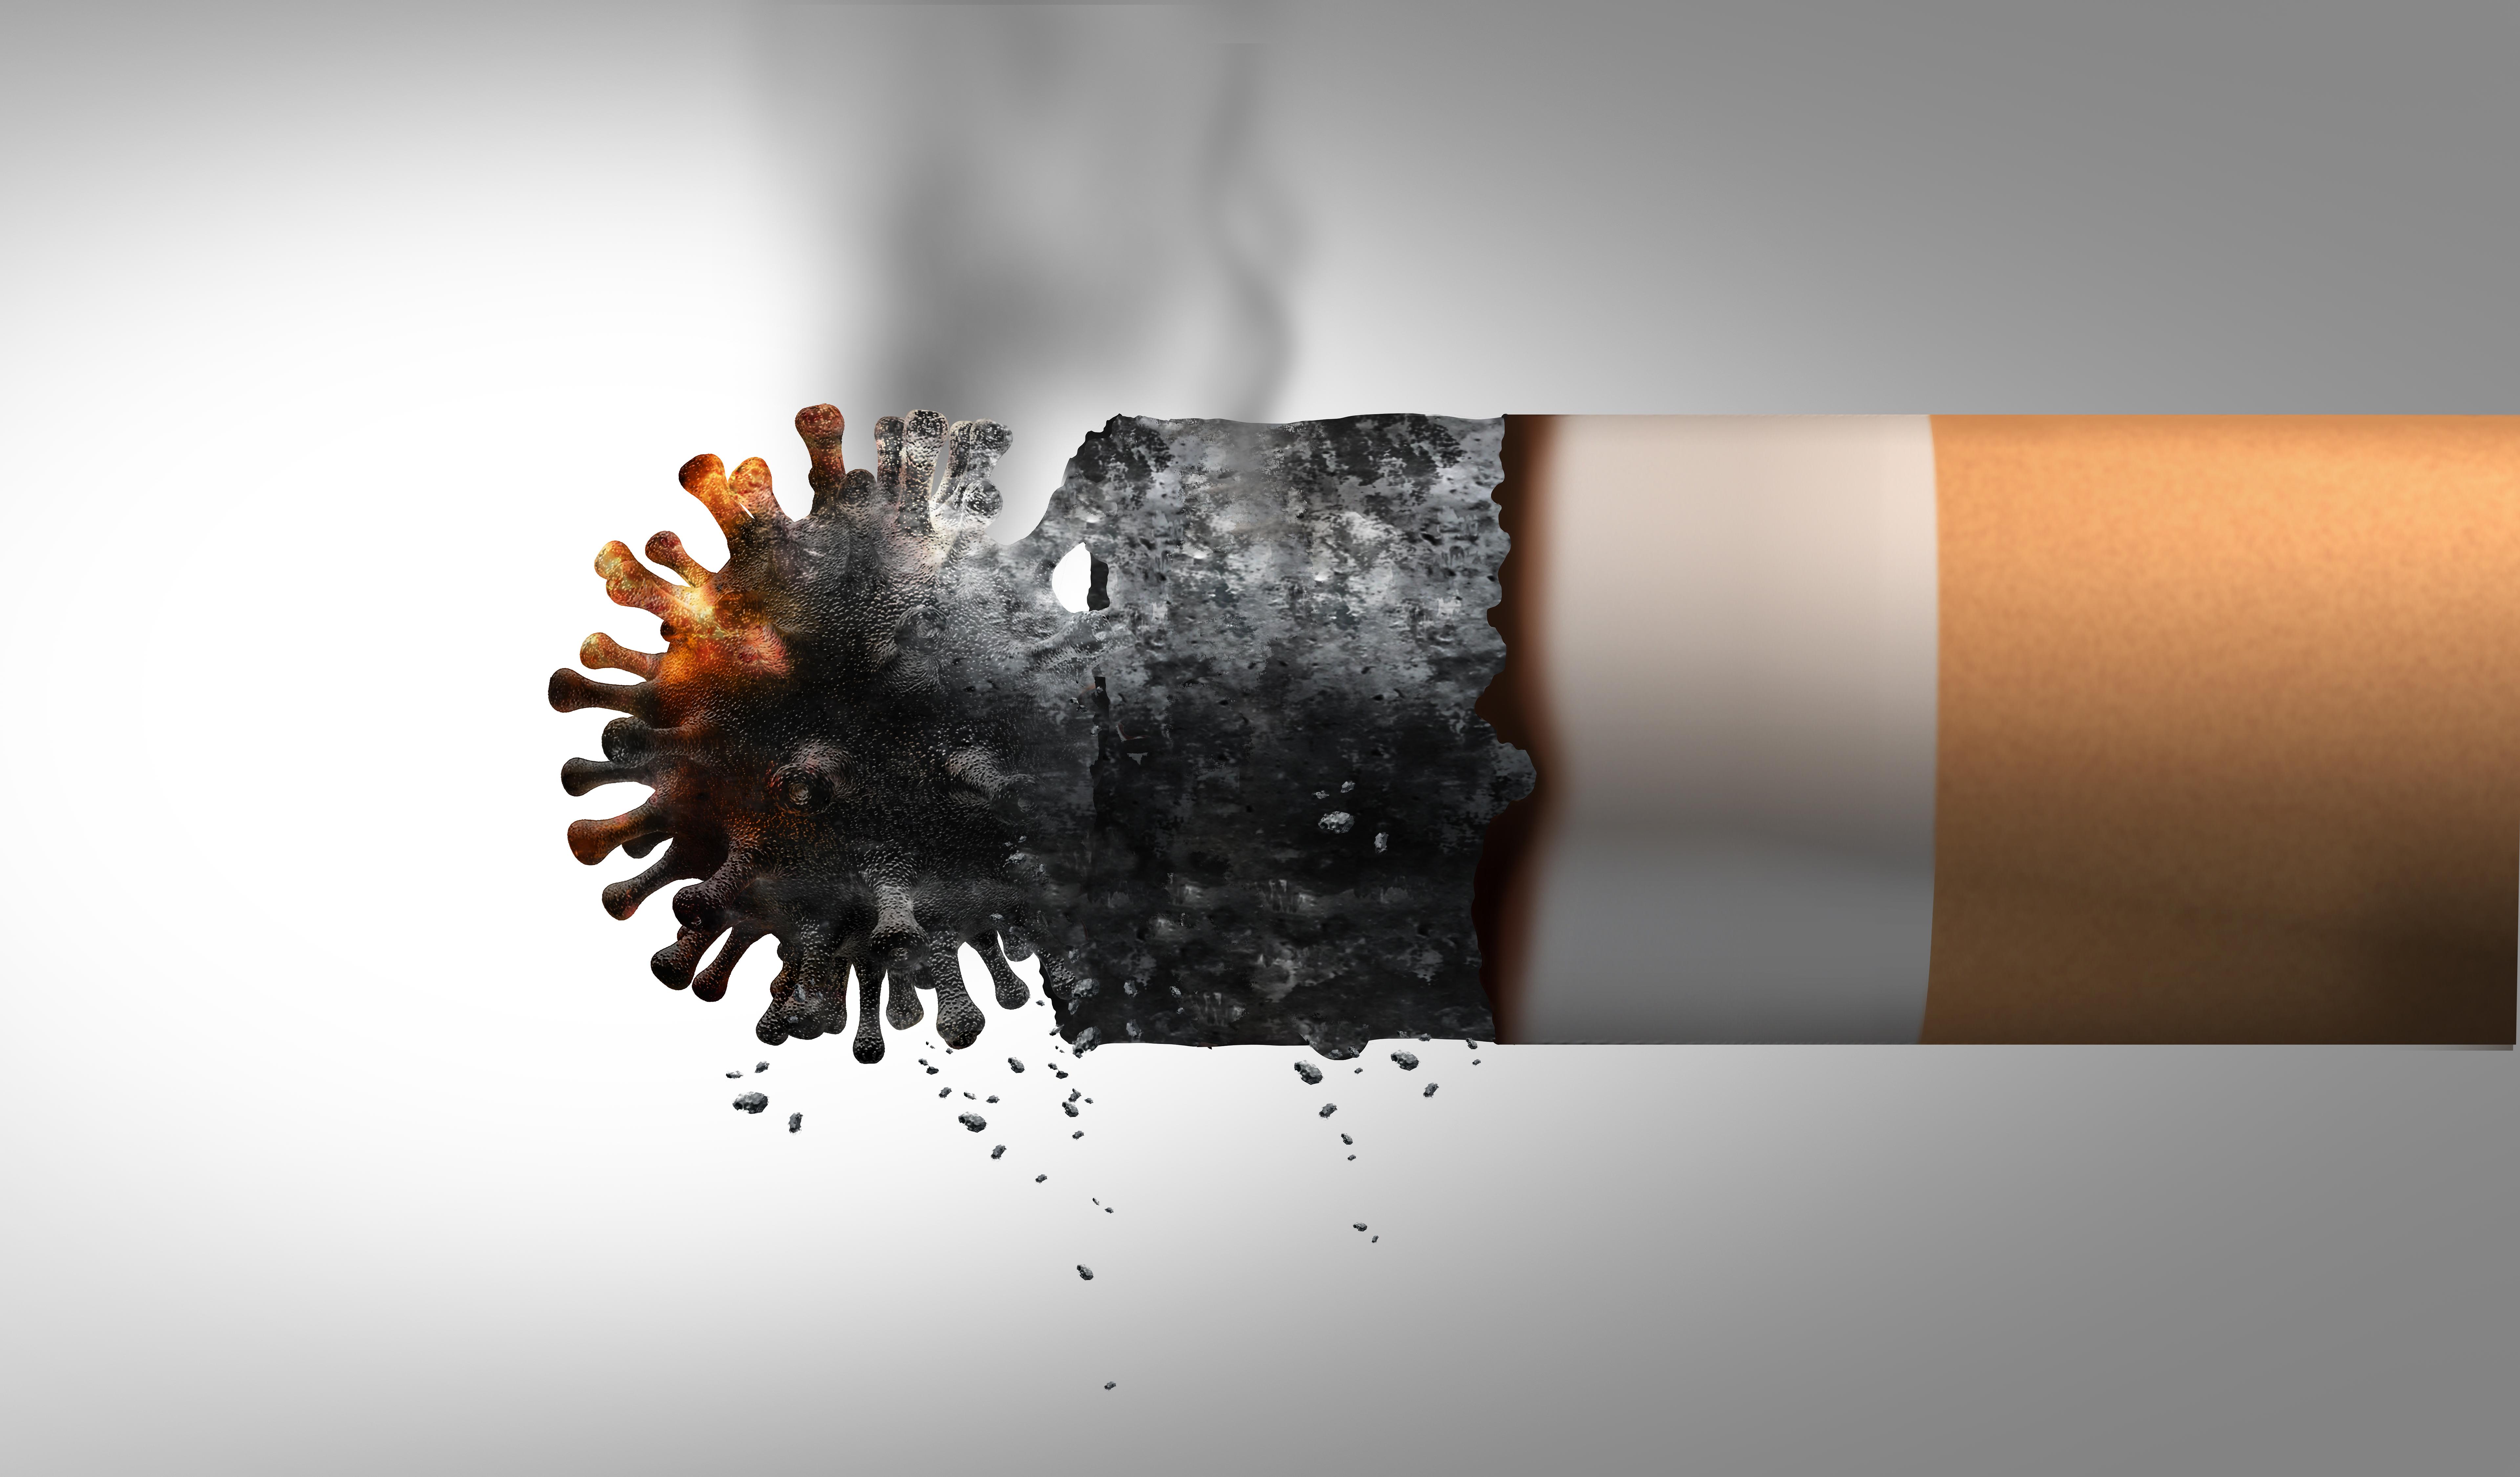 Tabaco y confusión: COVID, infodemia y estrategias de la industria